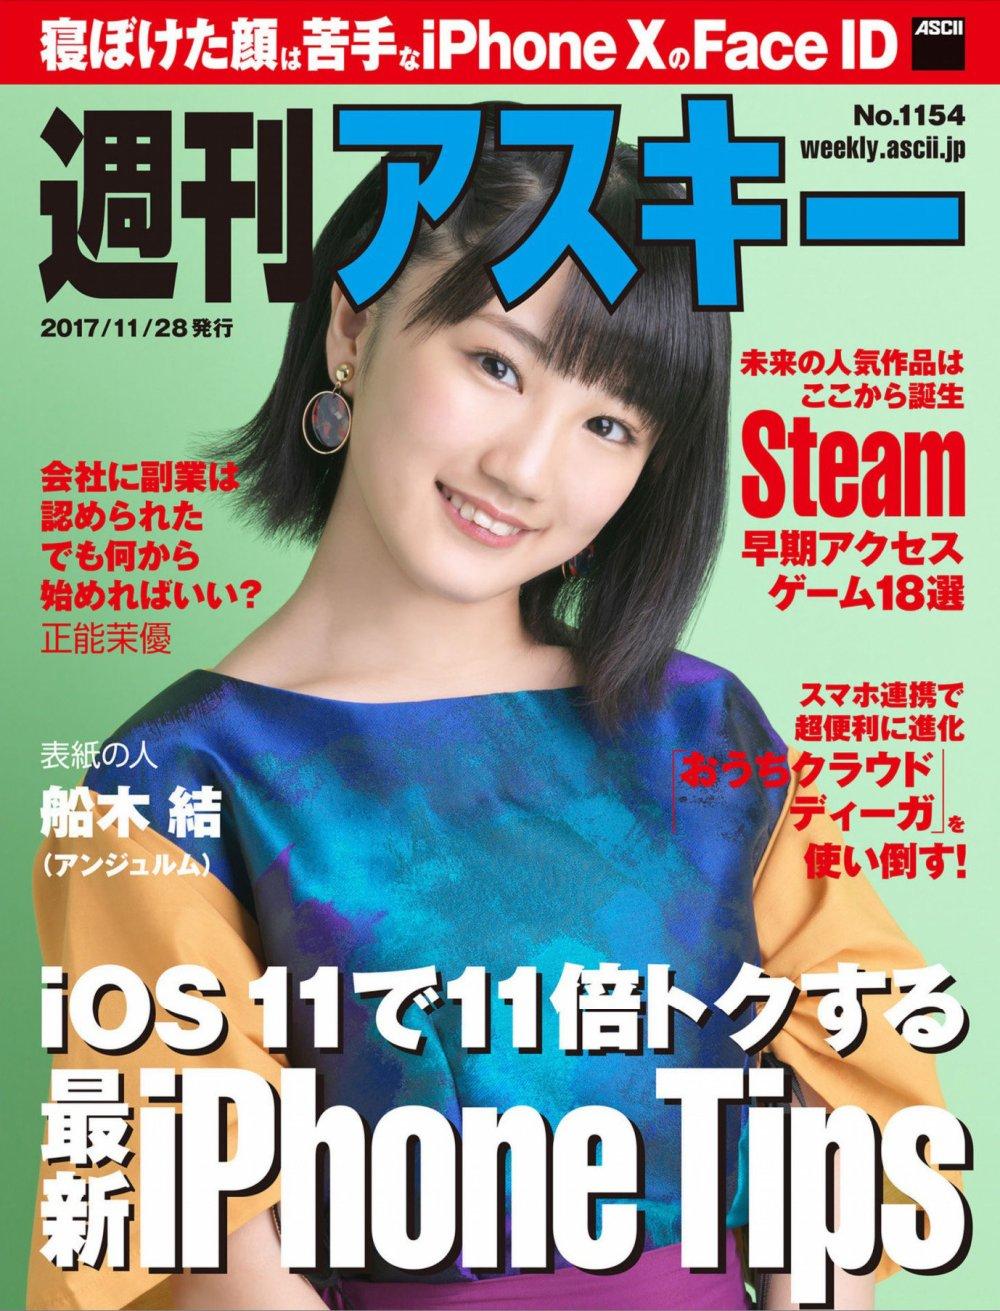 Funaki Musubu en la revista Weekly ASCII (2017-11-28)